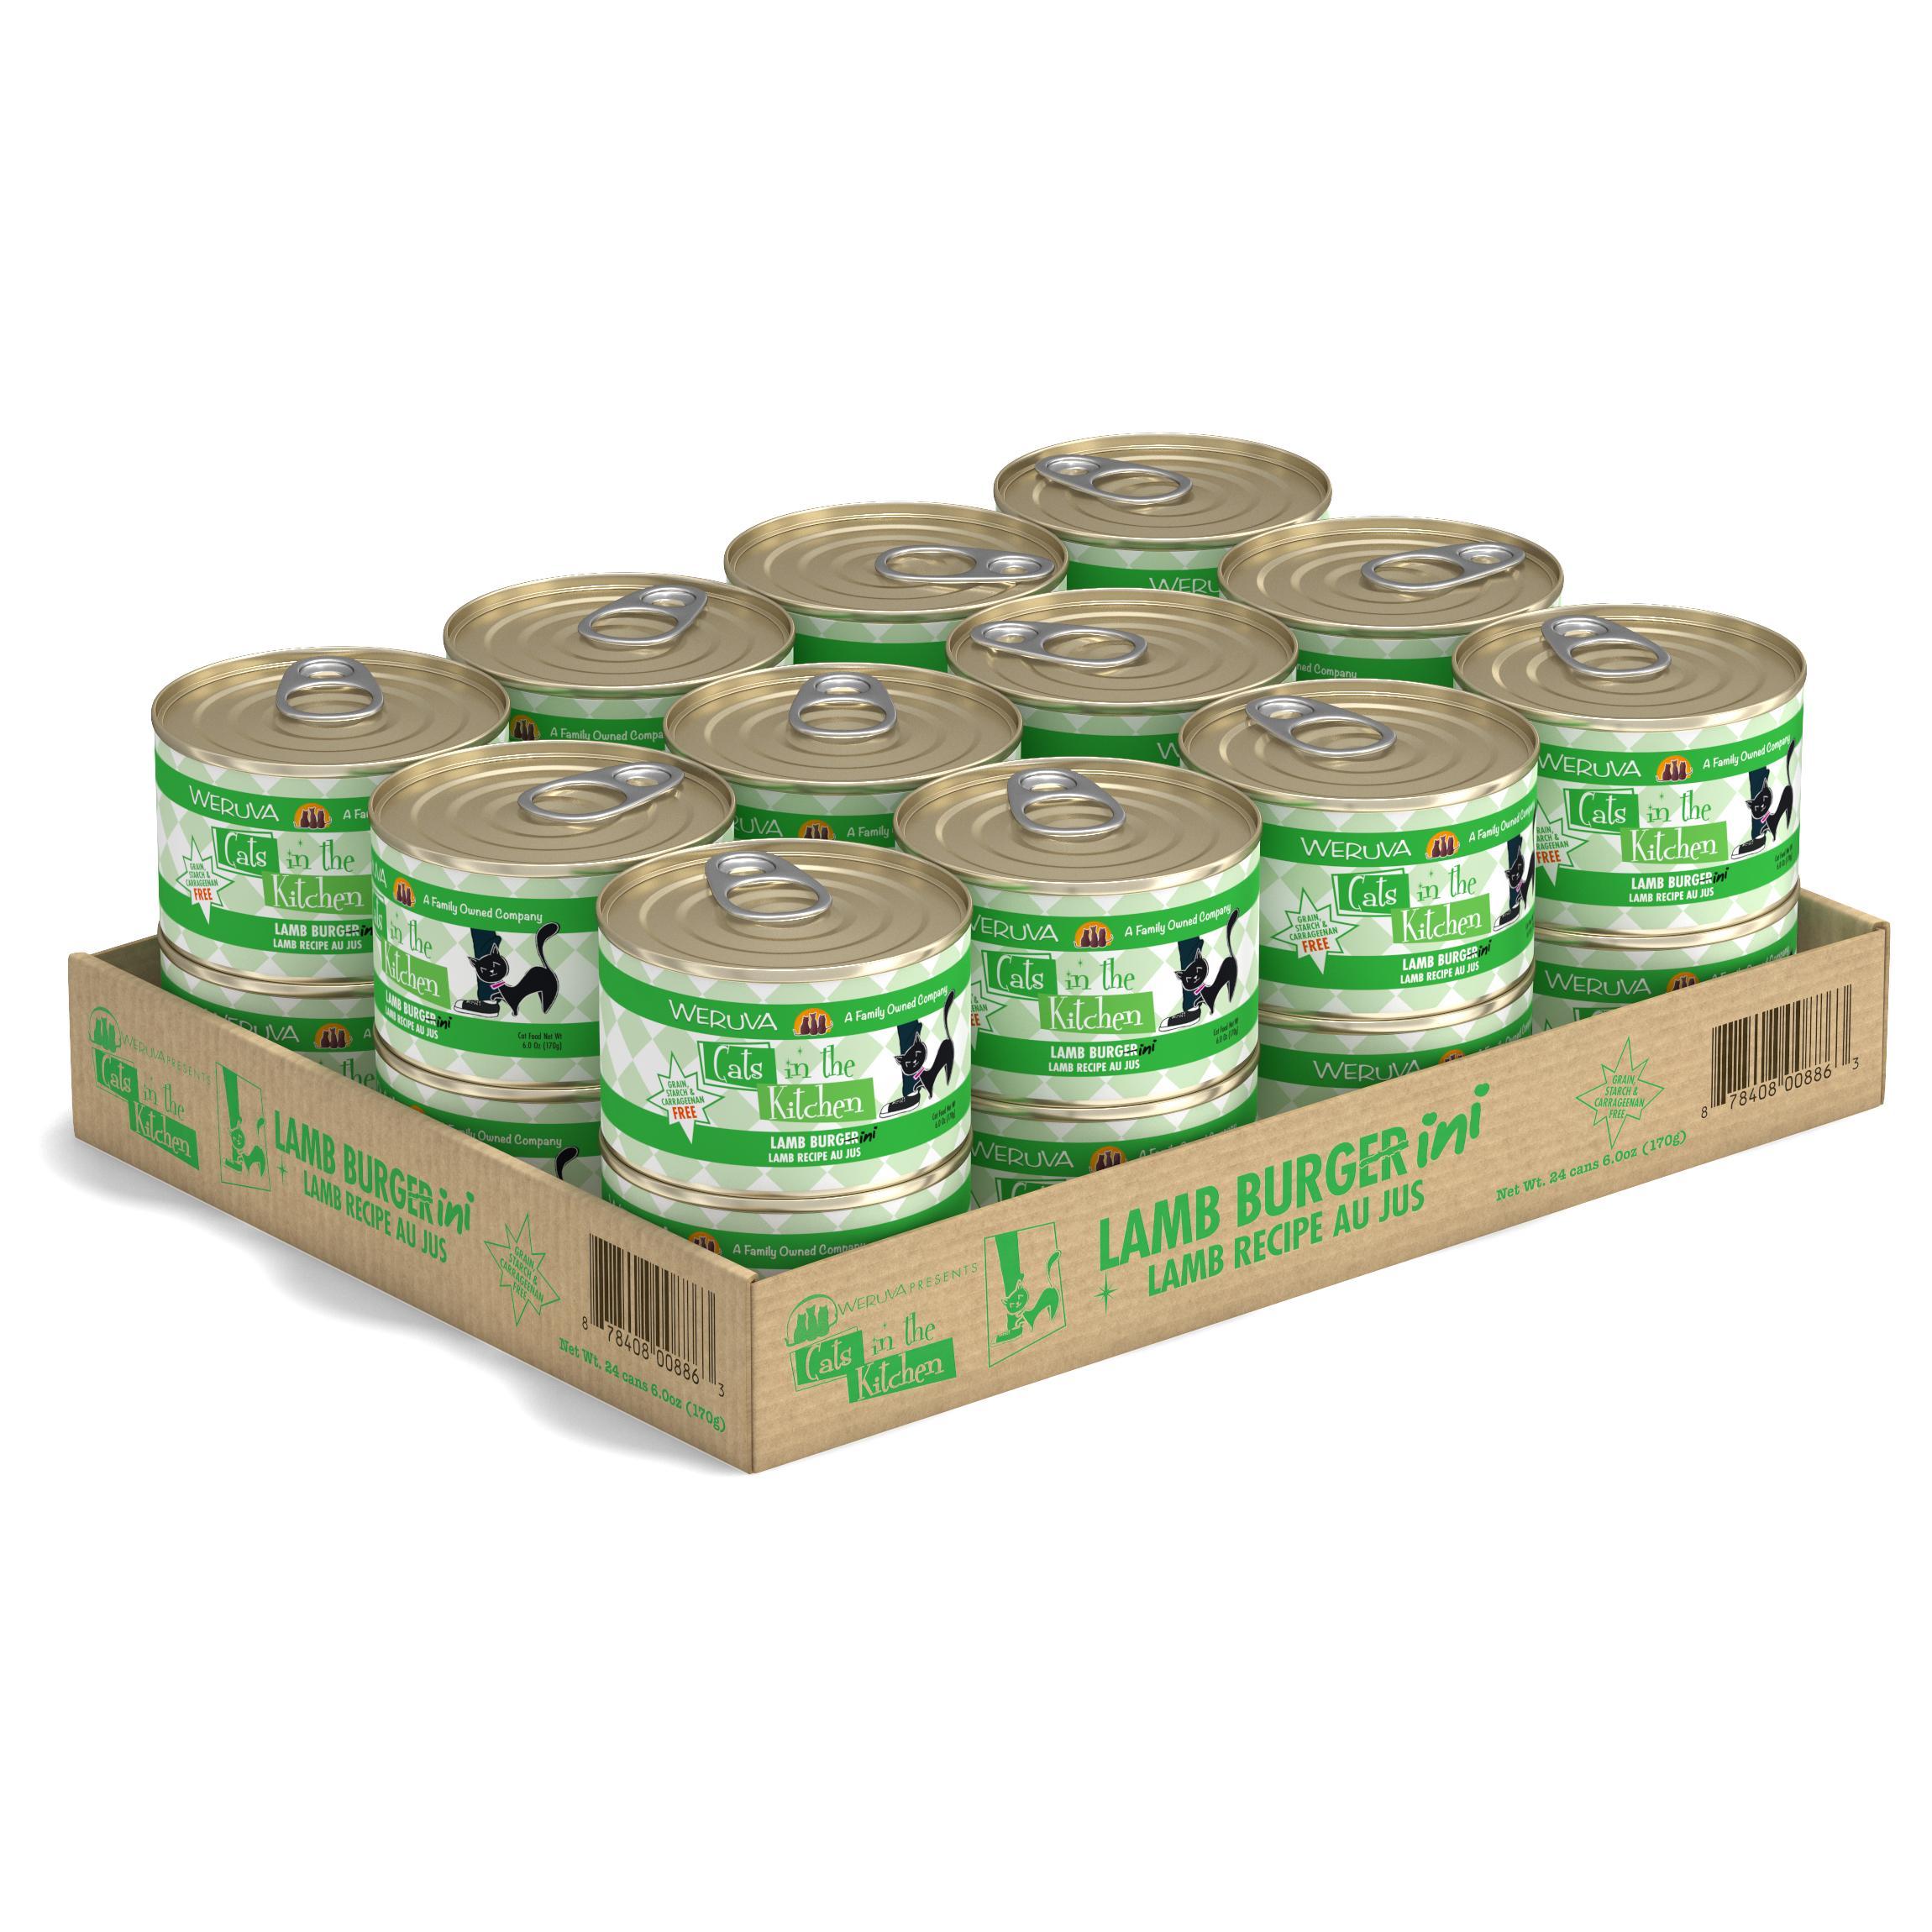 Weruva Cats in the Kitchen Lamb Burgini Lamb Au Jus Grain-Free Wet Cat Food, 6-oz, case of 24